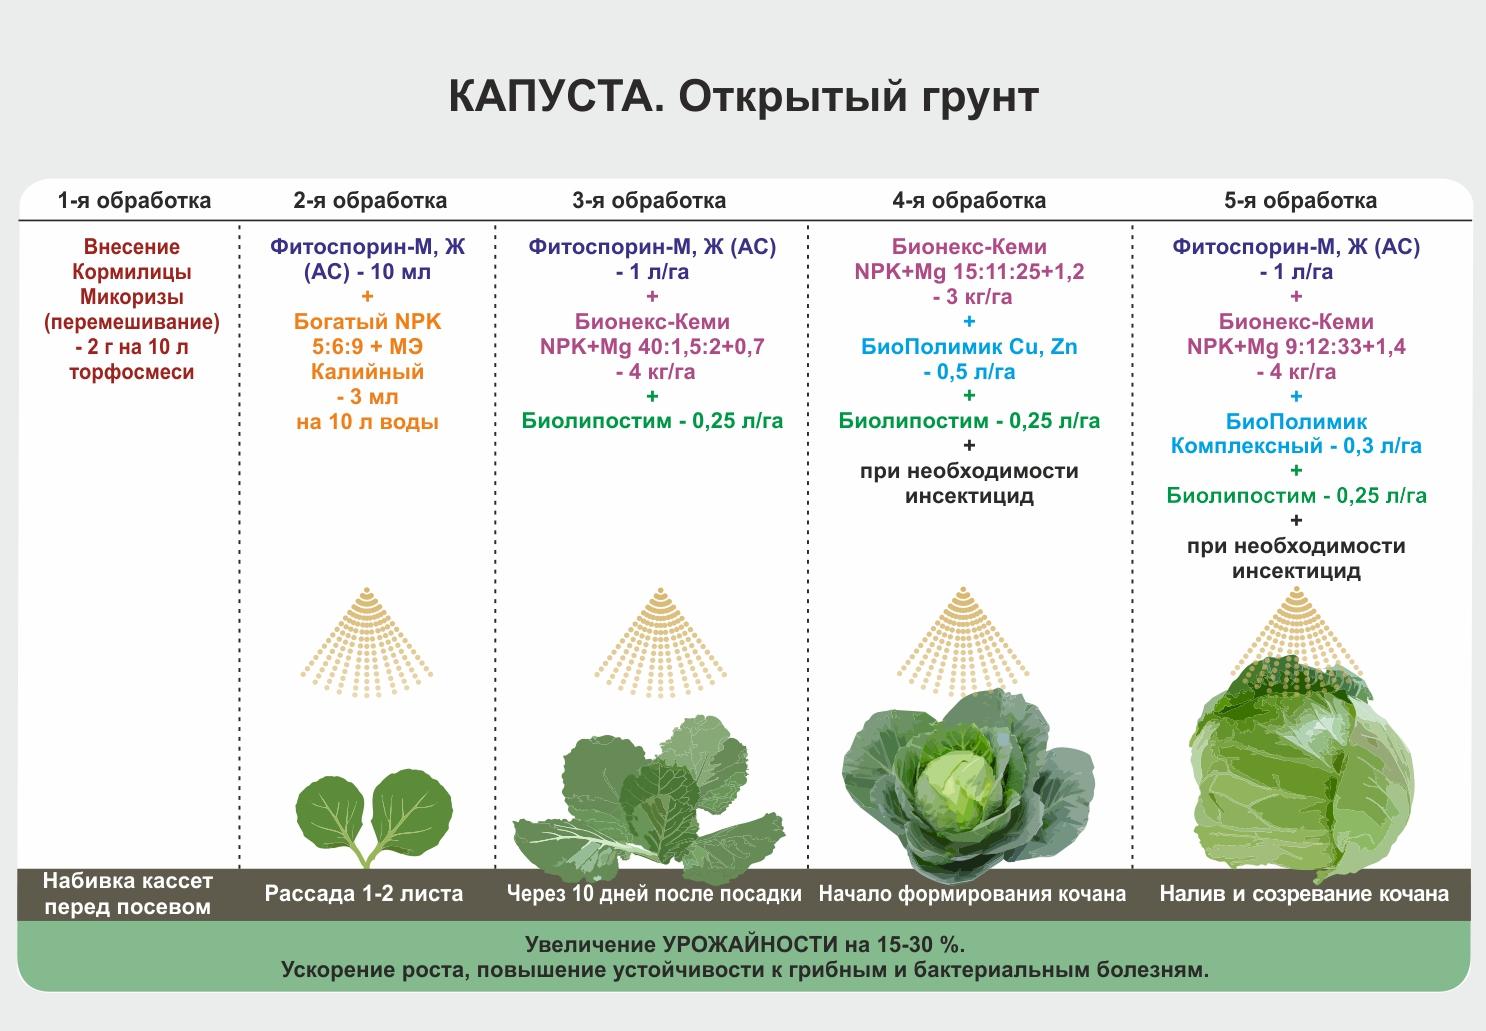 Чем подкормить цветную капусту после высадки в открытый грунт, для роста, завязывания головок (формирования кочанов), как удобрять молибденом и правила ухода